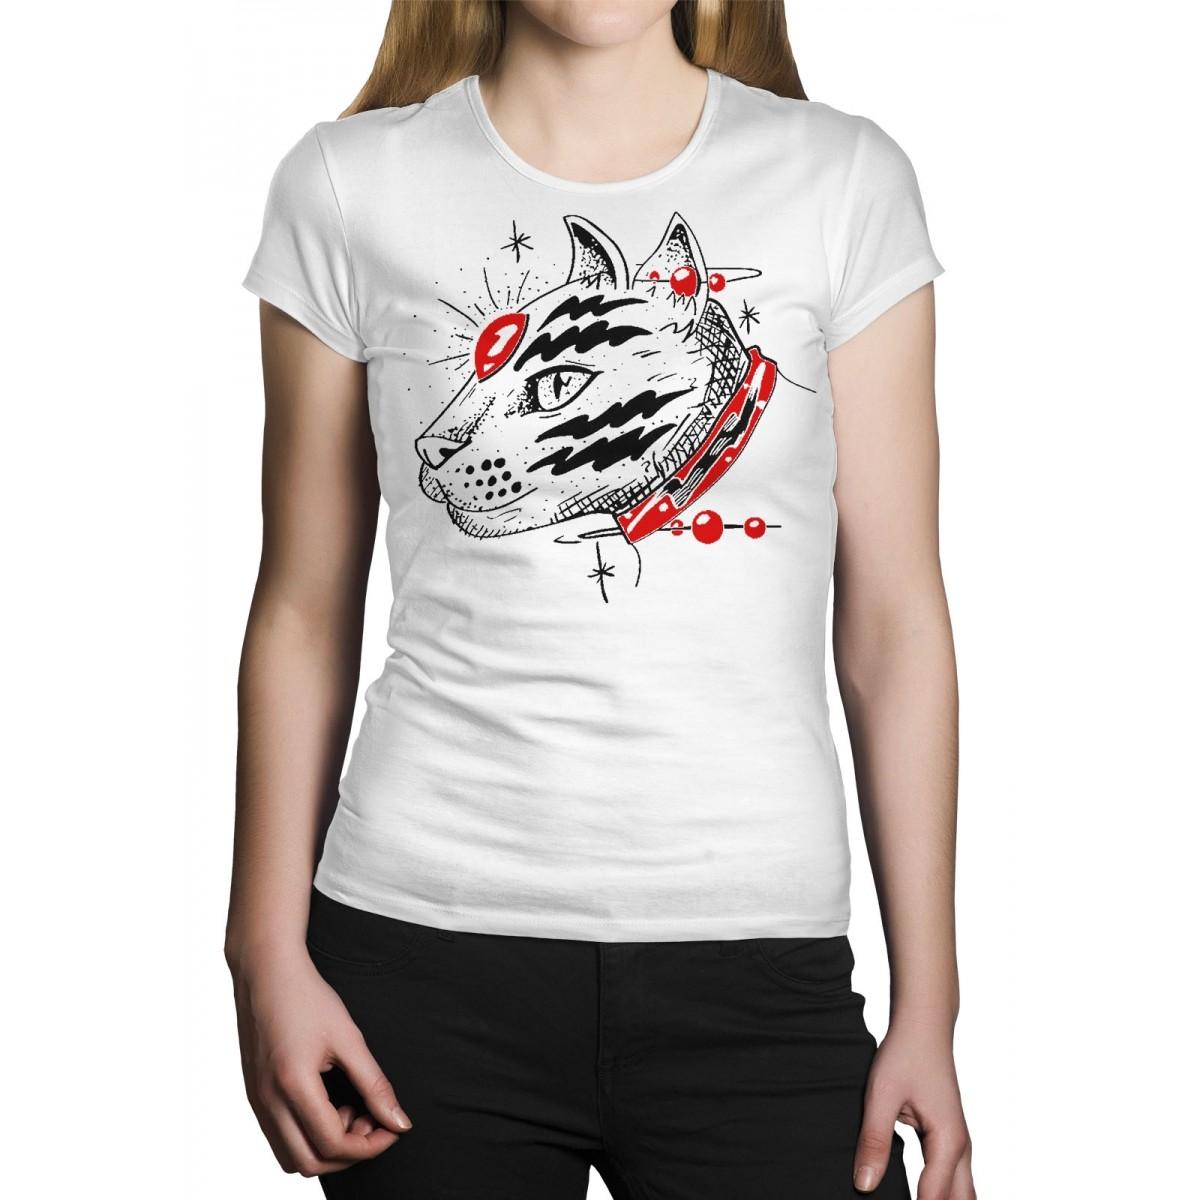 Camiseta HShop Catz - Branco  - HShop